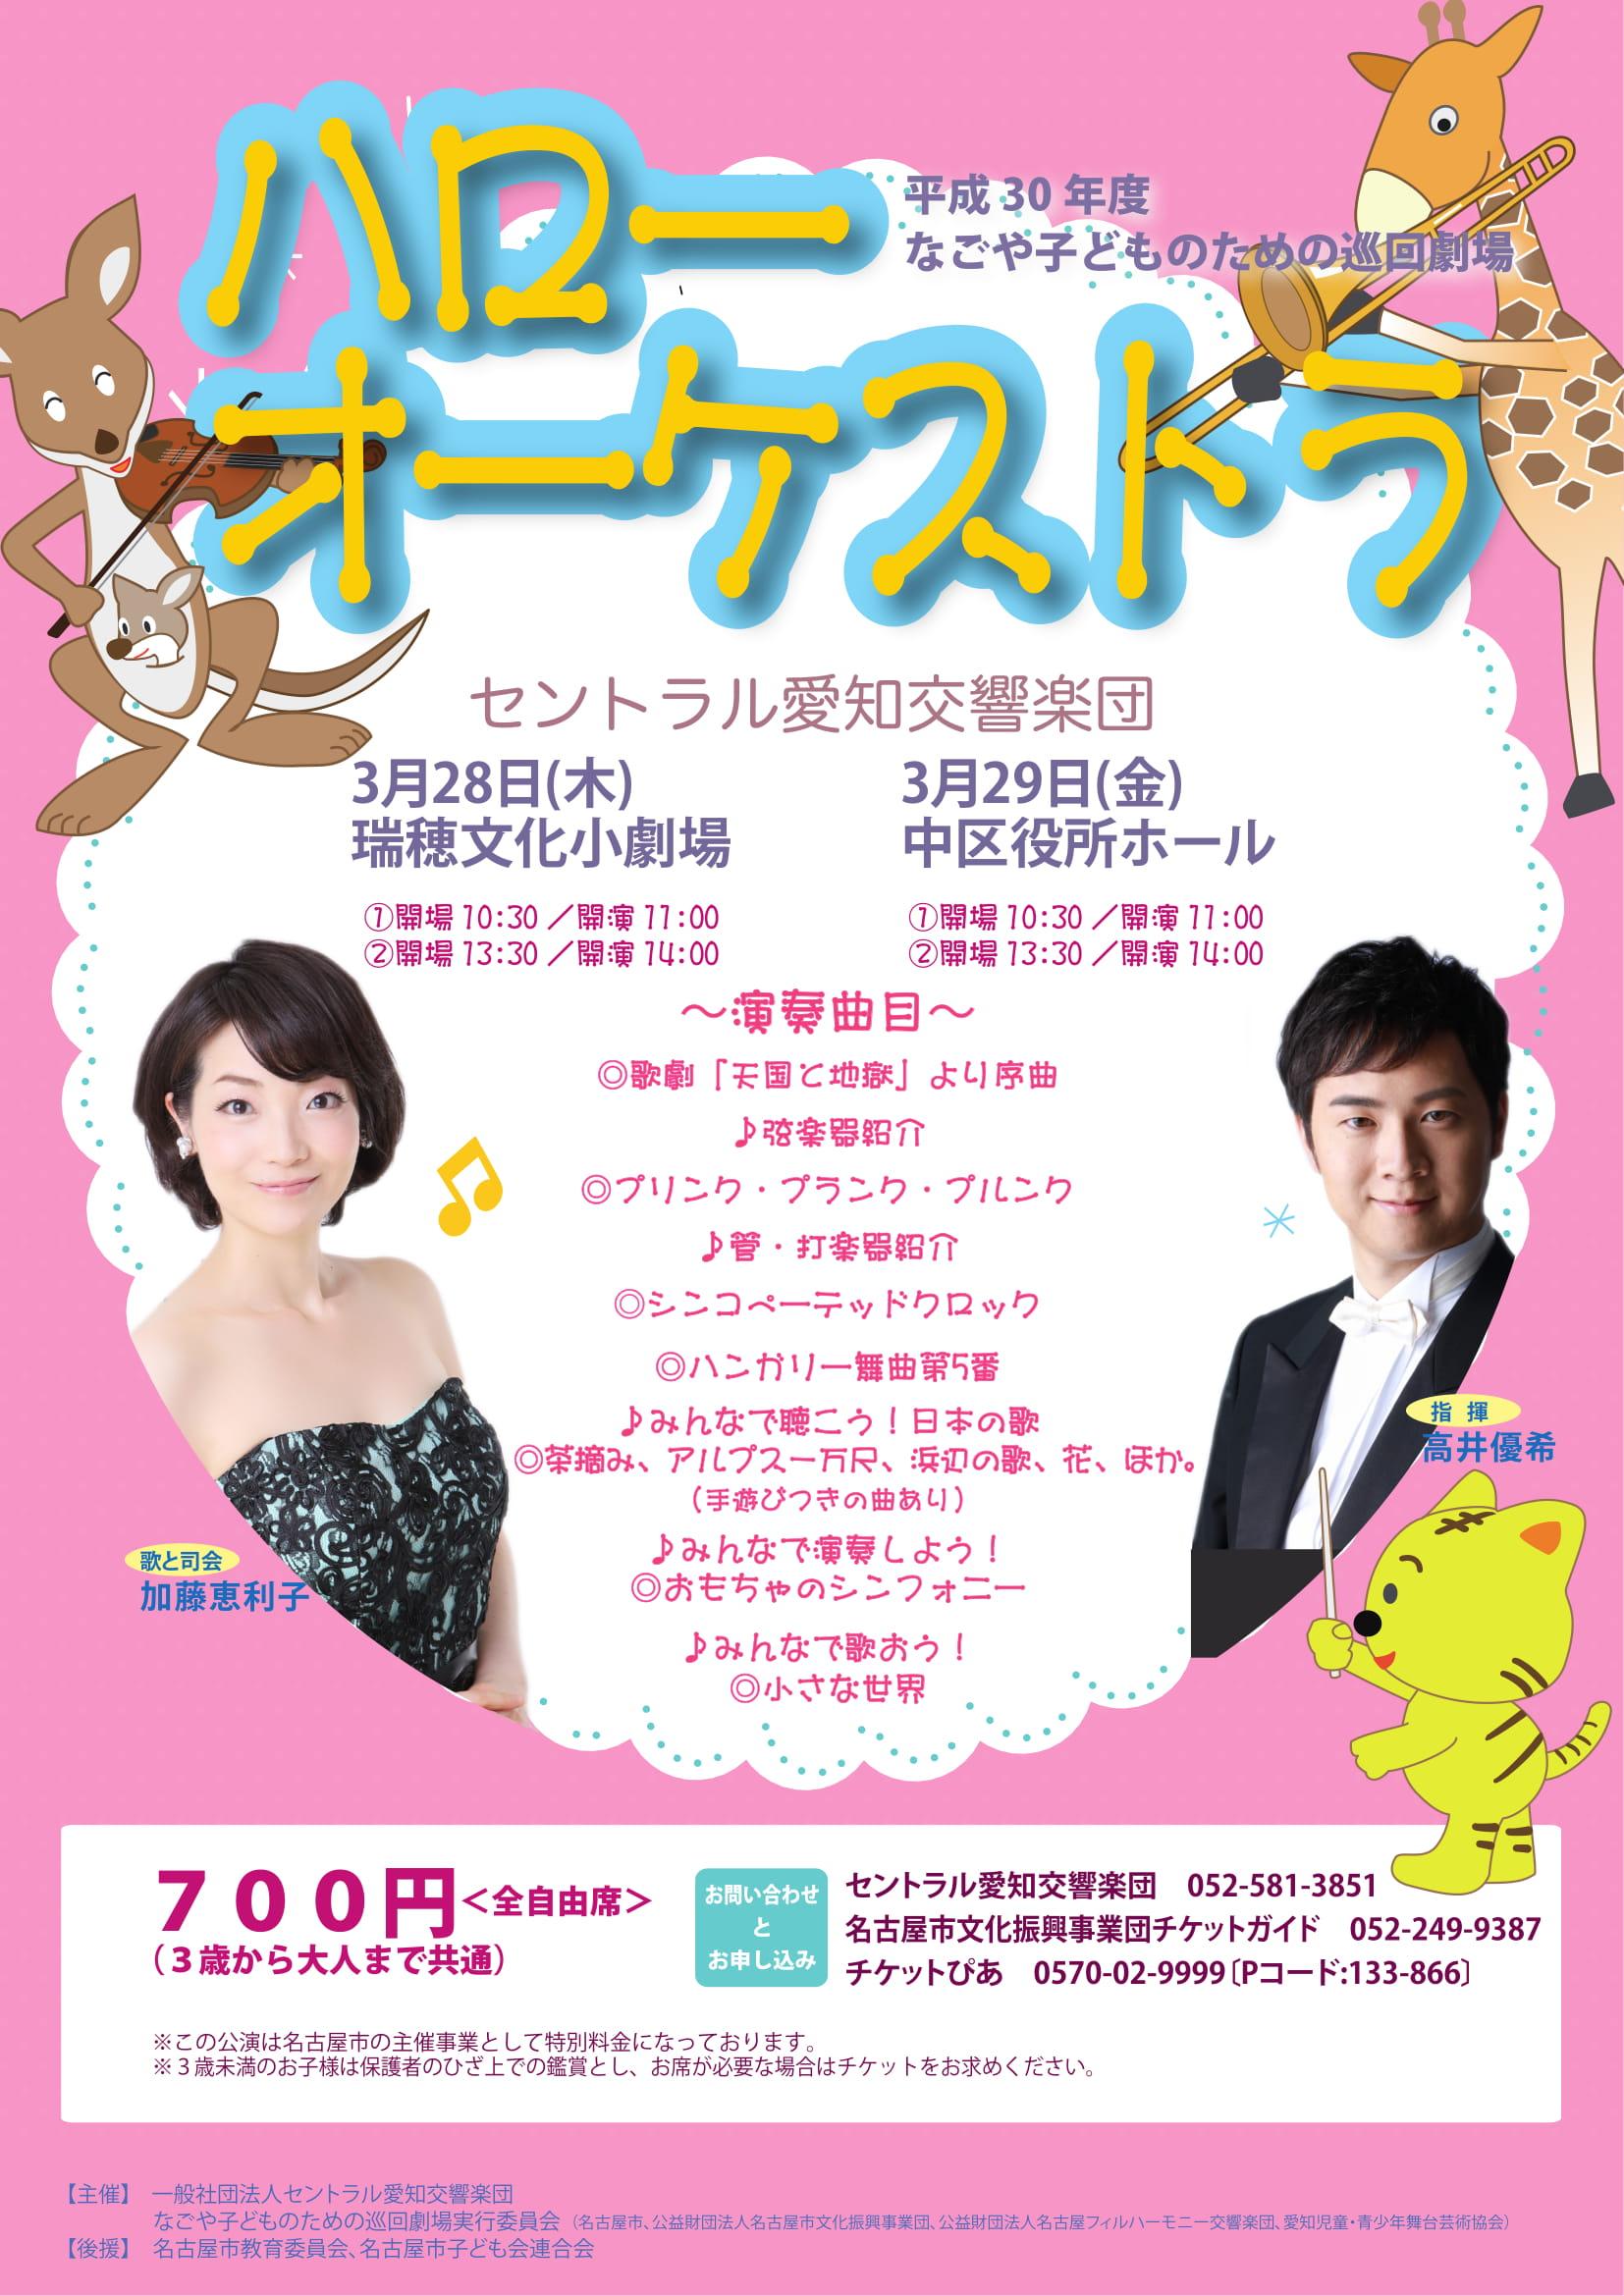 平成30年度なごや子どものための巡回劇場ハローオーケストラ 3/28 午後公演(14時)